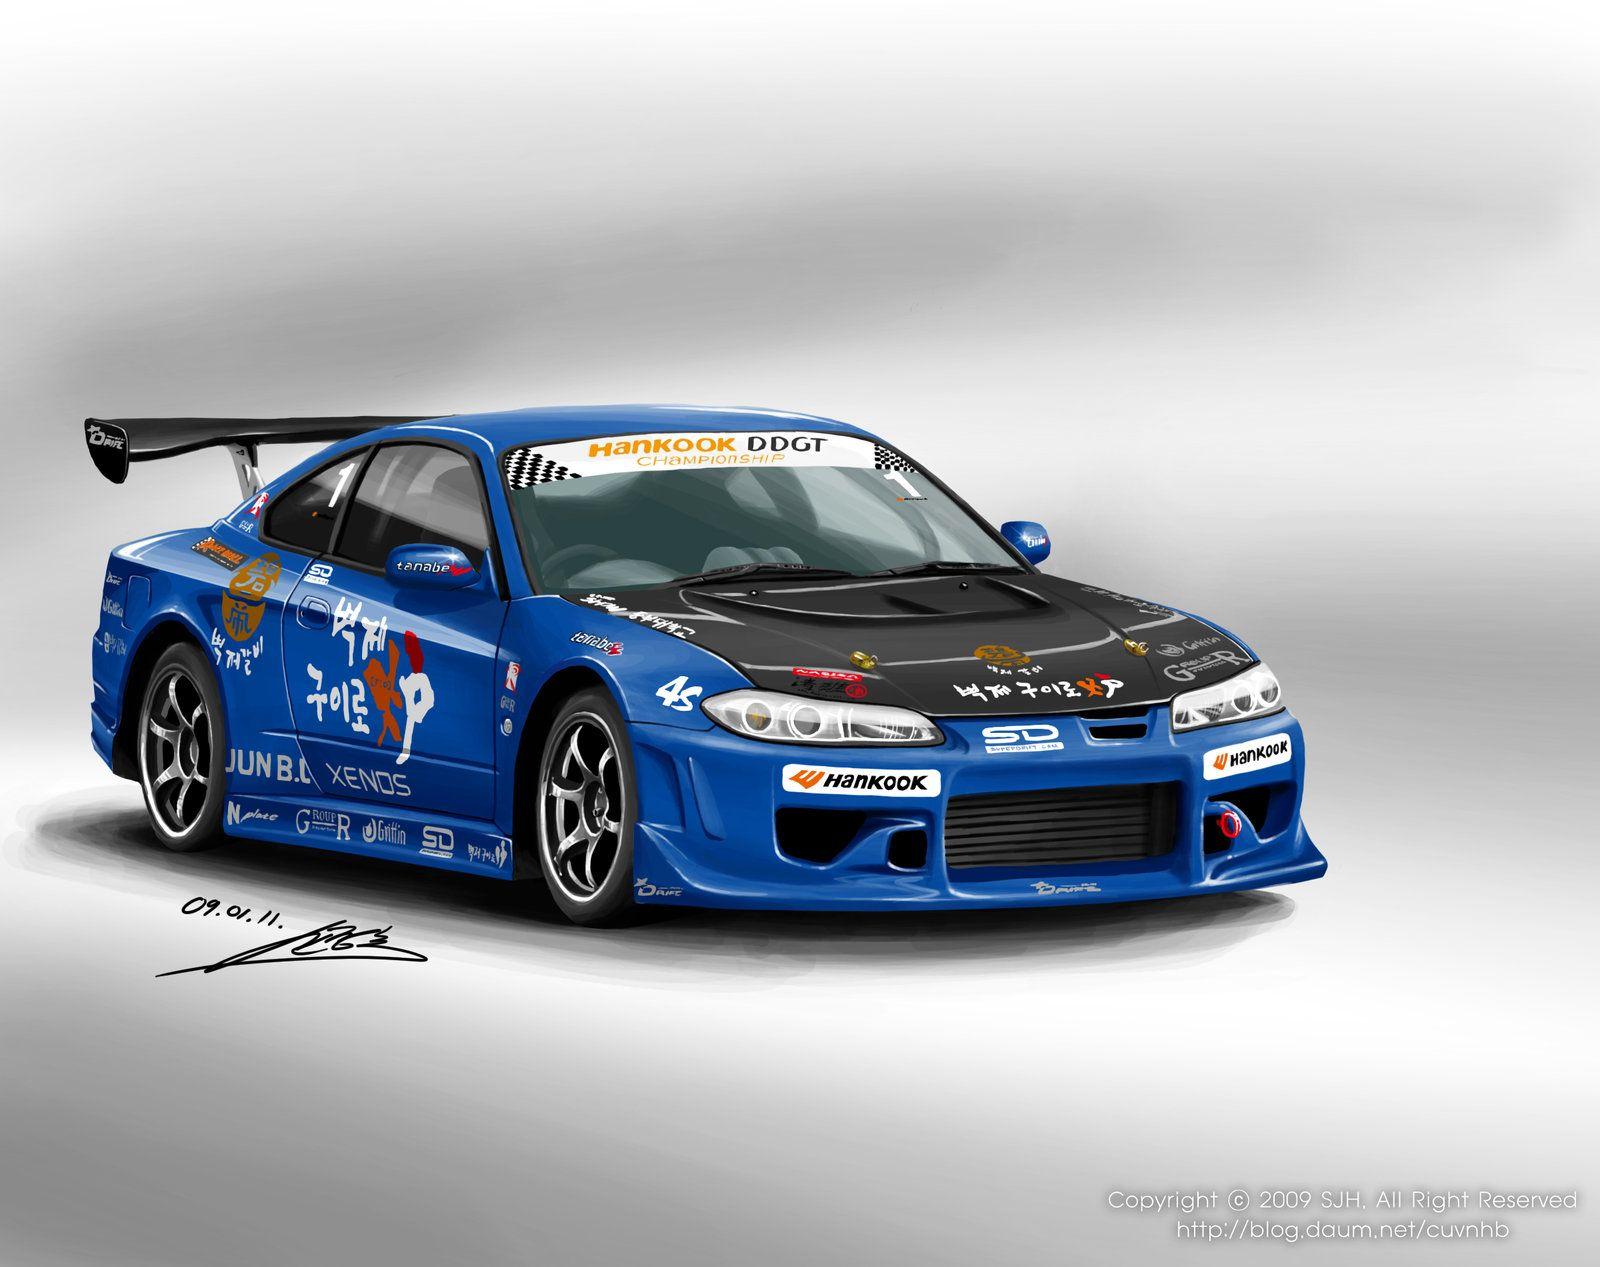 Art Drawings Technical Drawings Nissan Silvia Drift Racing Car